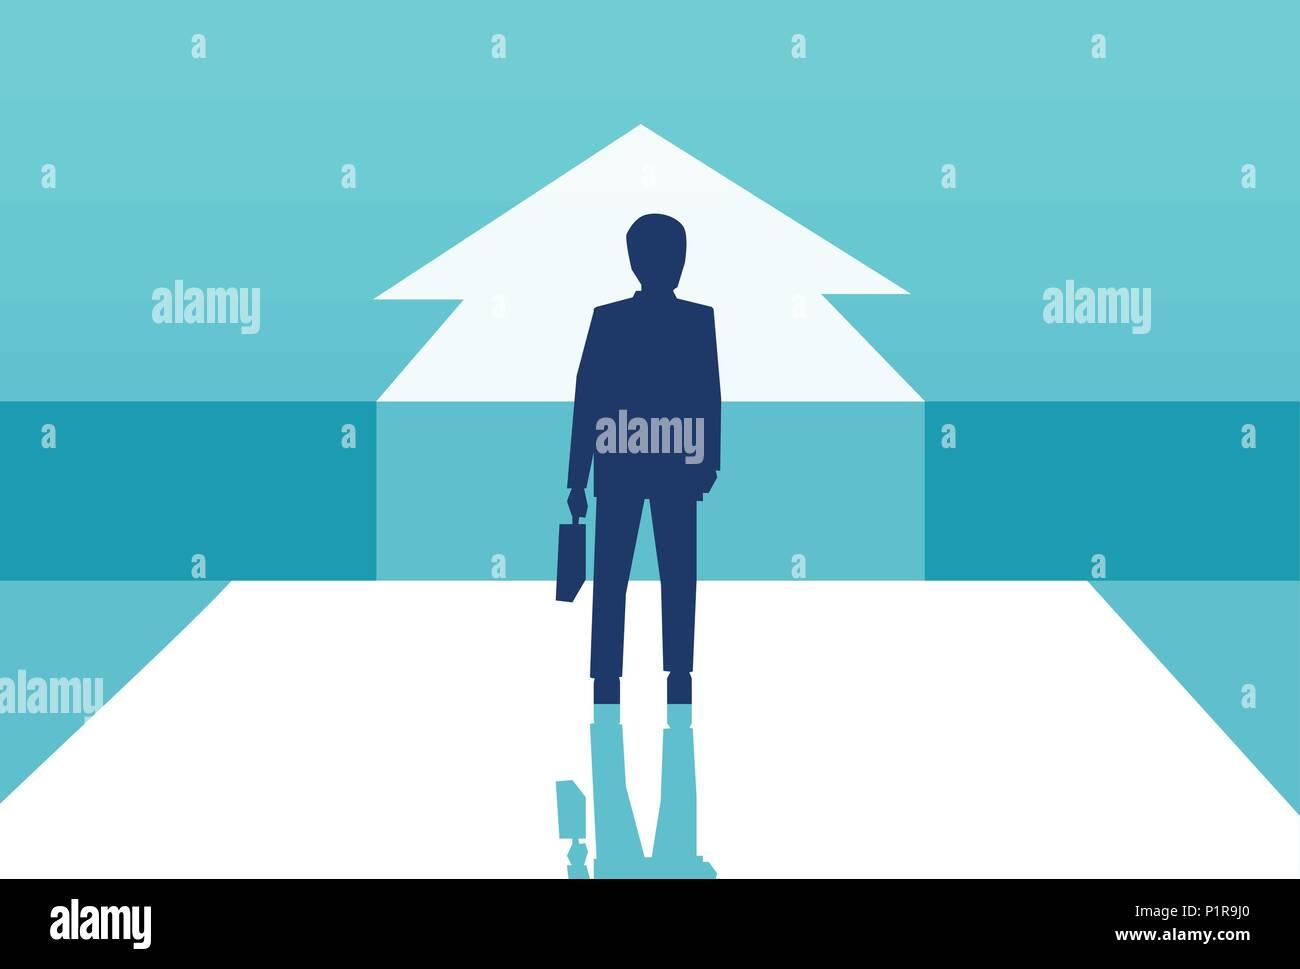 Vektor Konzept Bild der Geschäftsmann silhouette stand vor der Pfeil wählen berufliche Zukunft. Stockbild